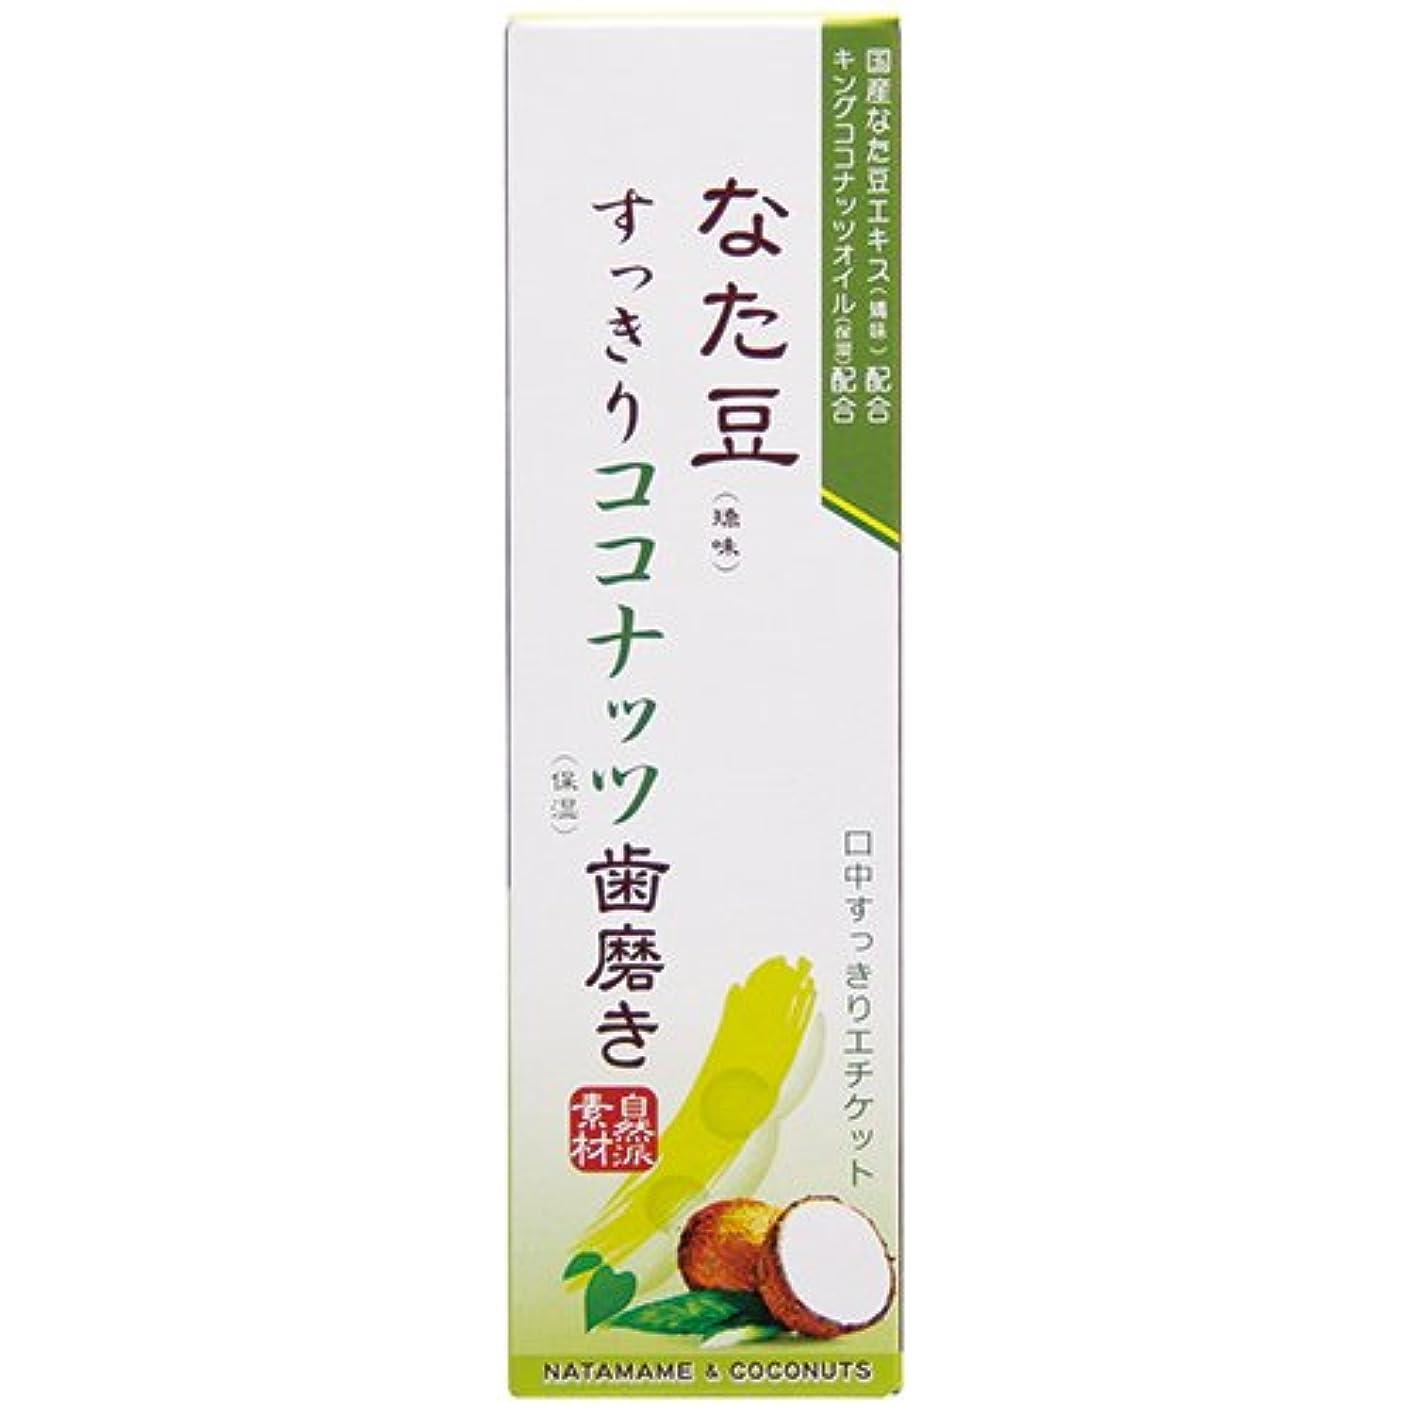 フルーティー男性連続的なた豆すっきり ココナッツ歯磨き